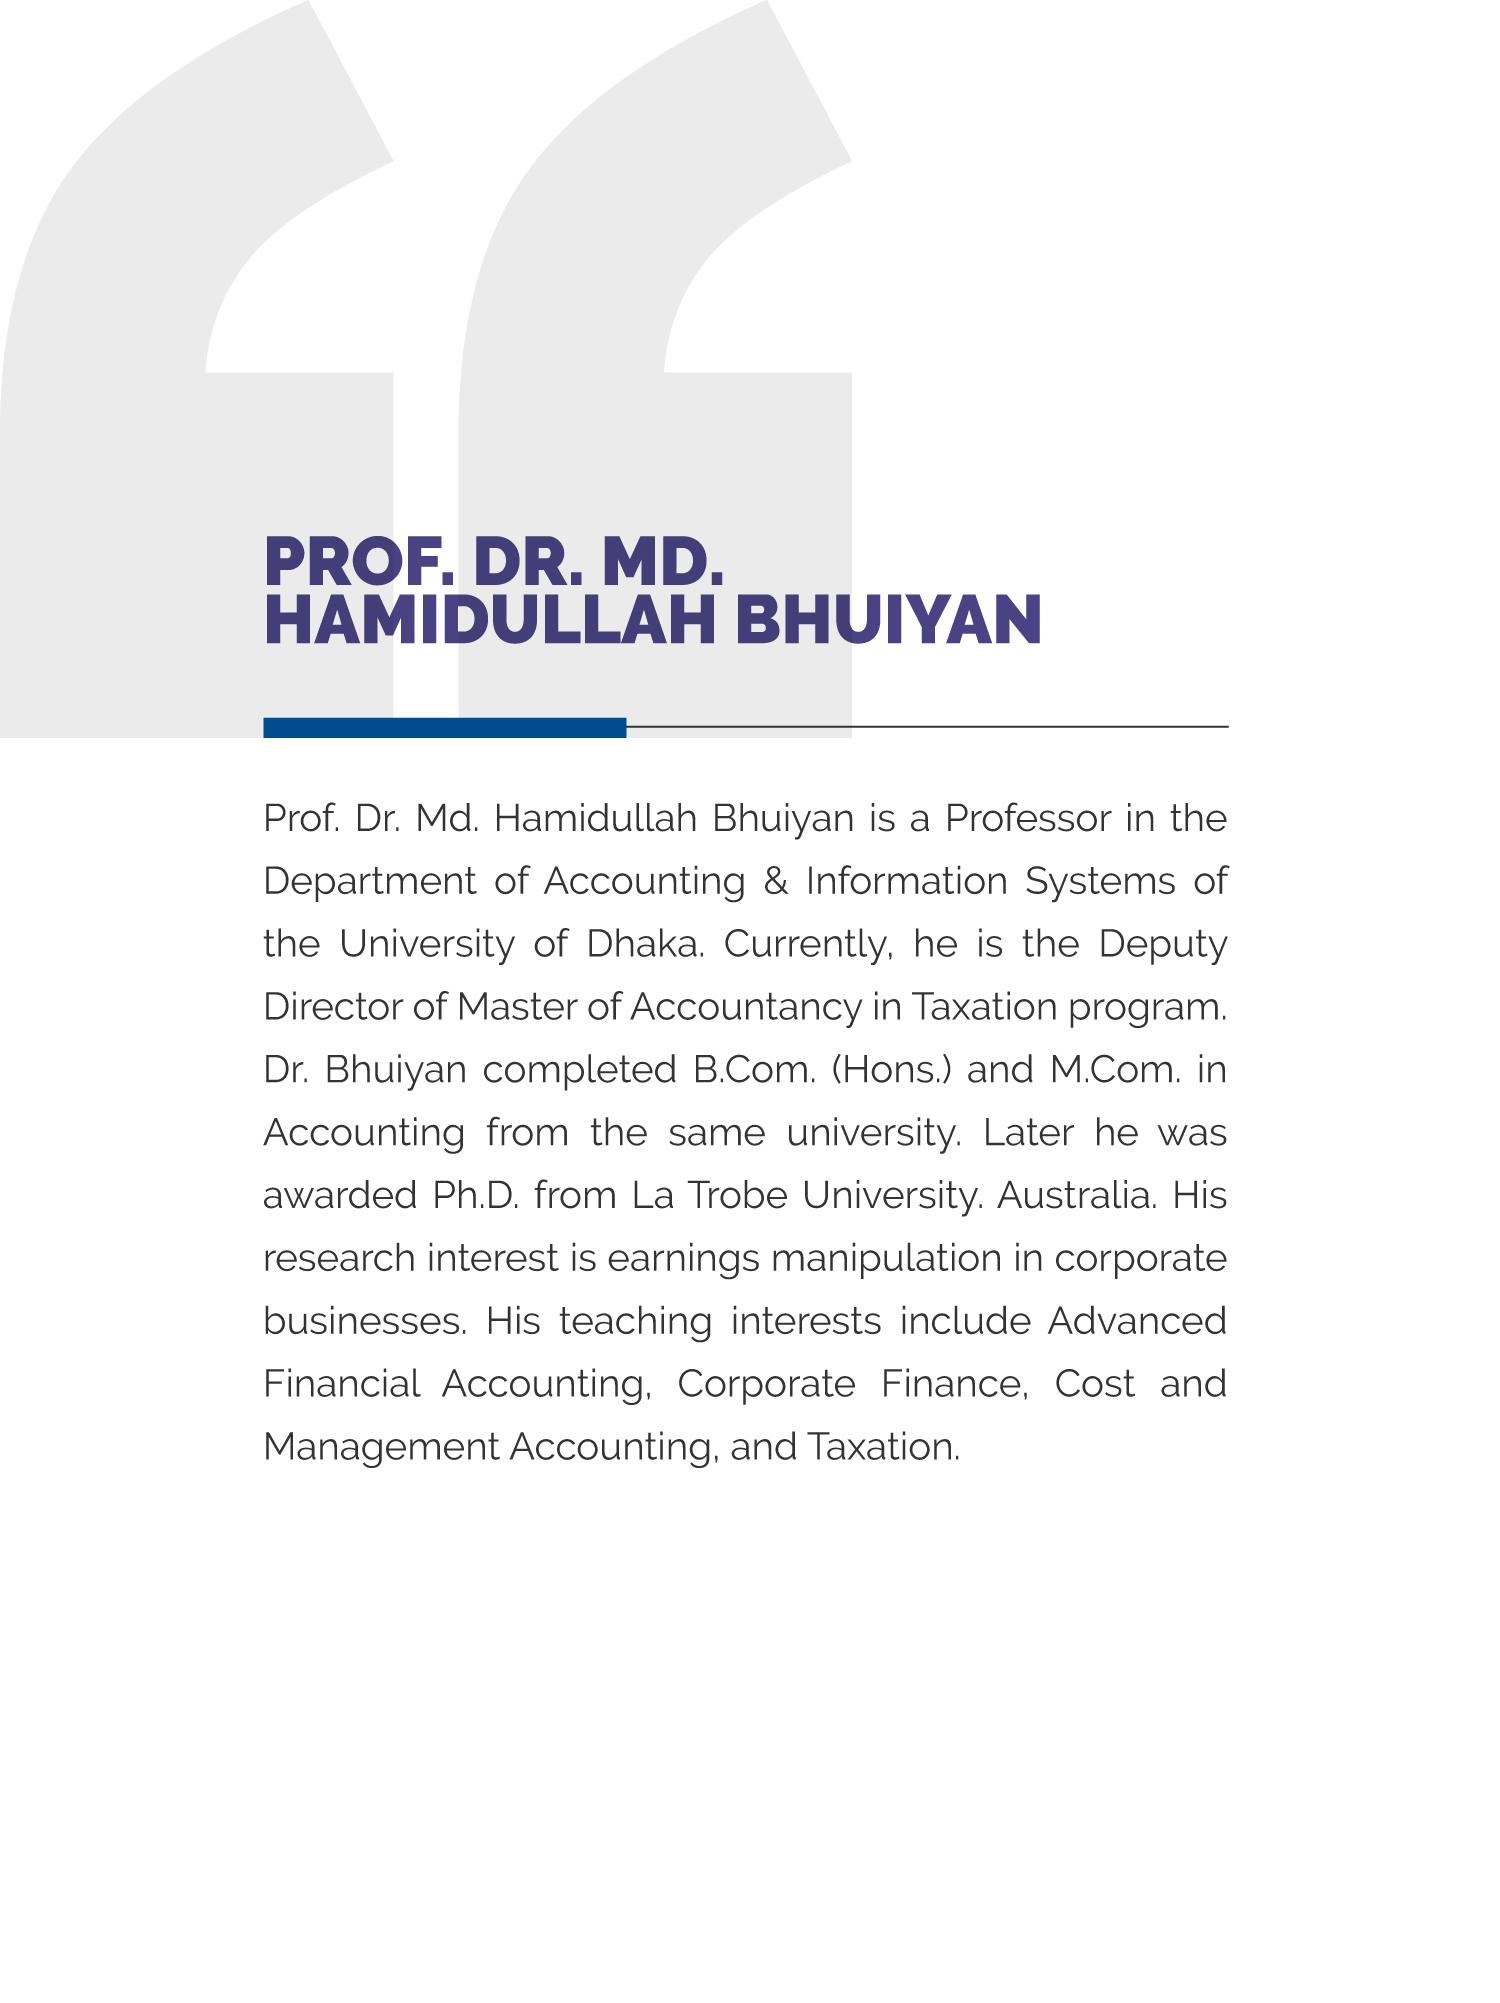 Prof.-Dr.-Md.-Hamidullah-Bhuiyan